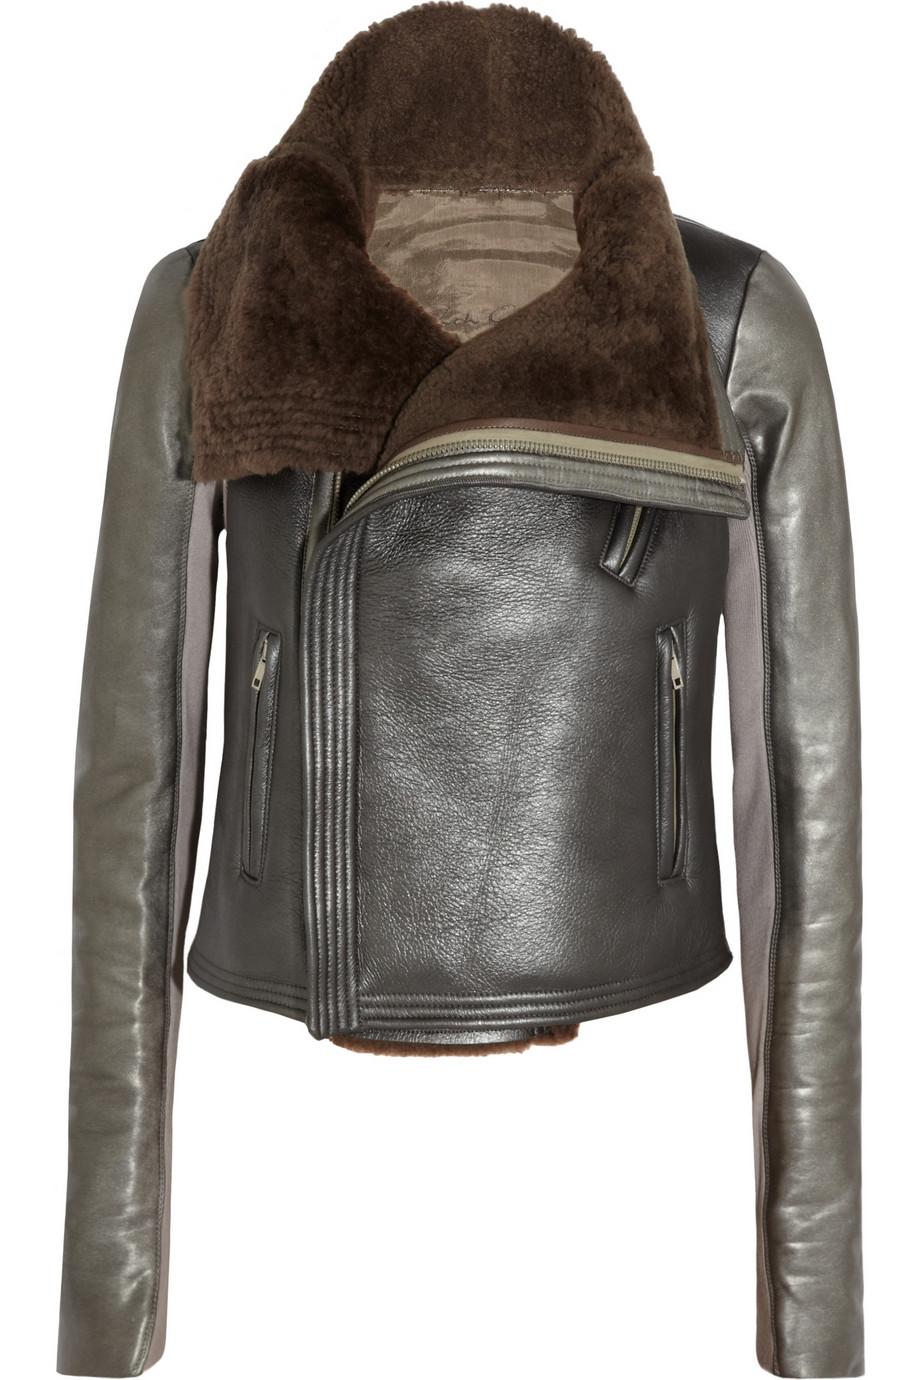 Leather Shearling Jacket - Jacket